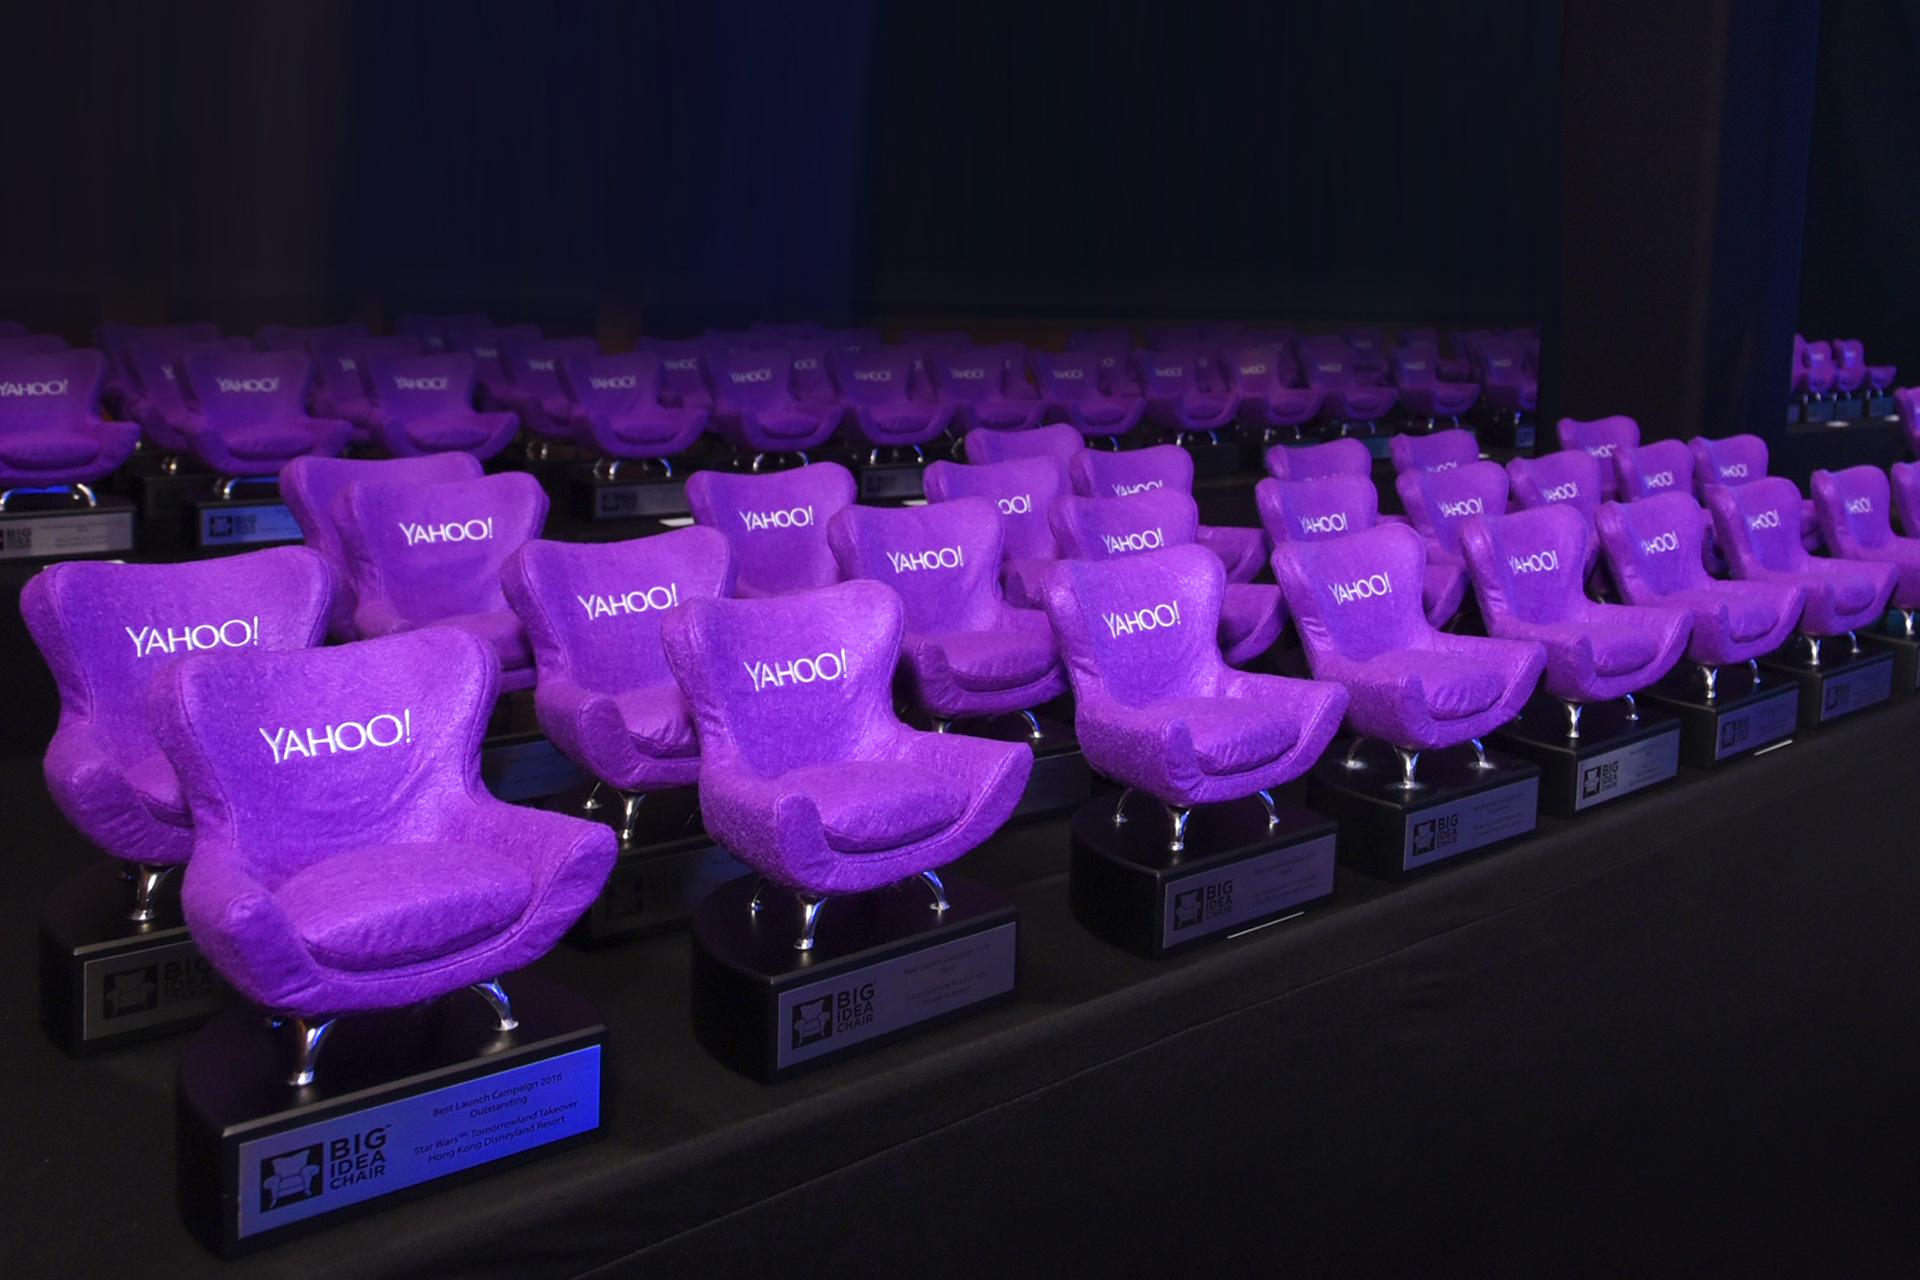 Yahoo Big Idea Chair Awards 2016 5